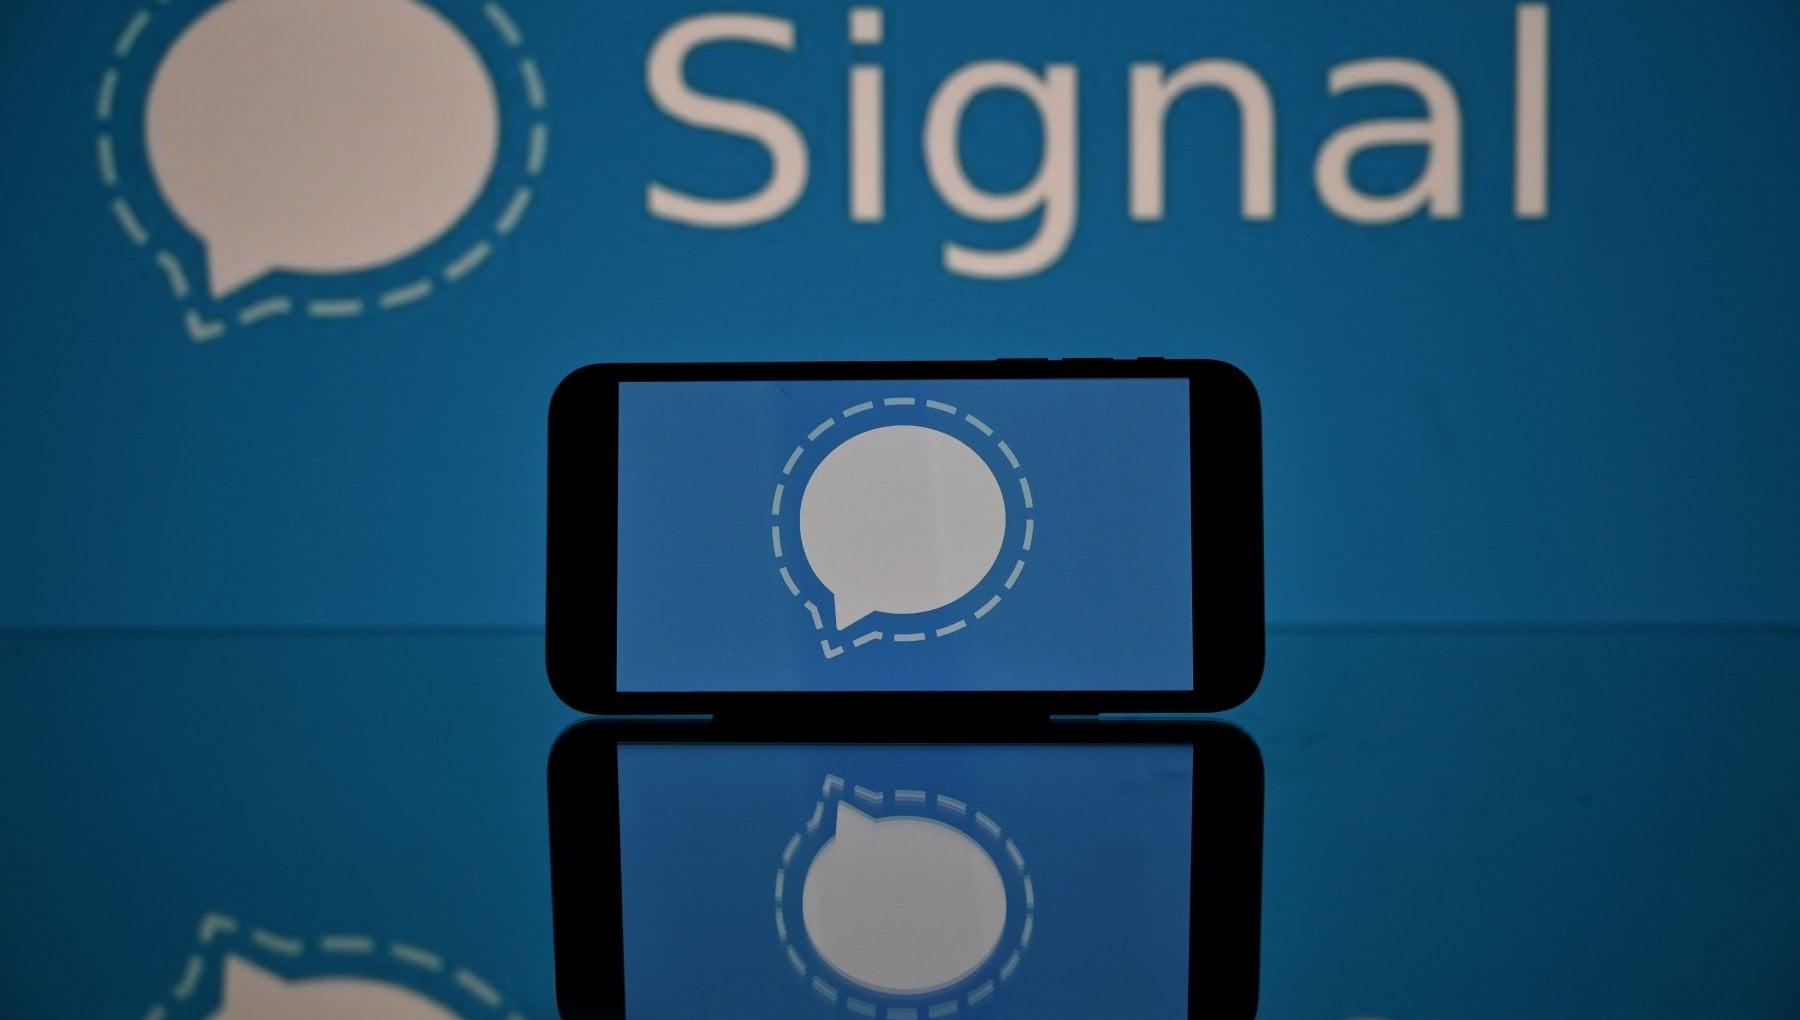 Signal lapp per chat che sfida WhatsApp privacy e trasparenza al primo posto